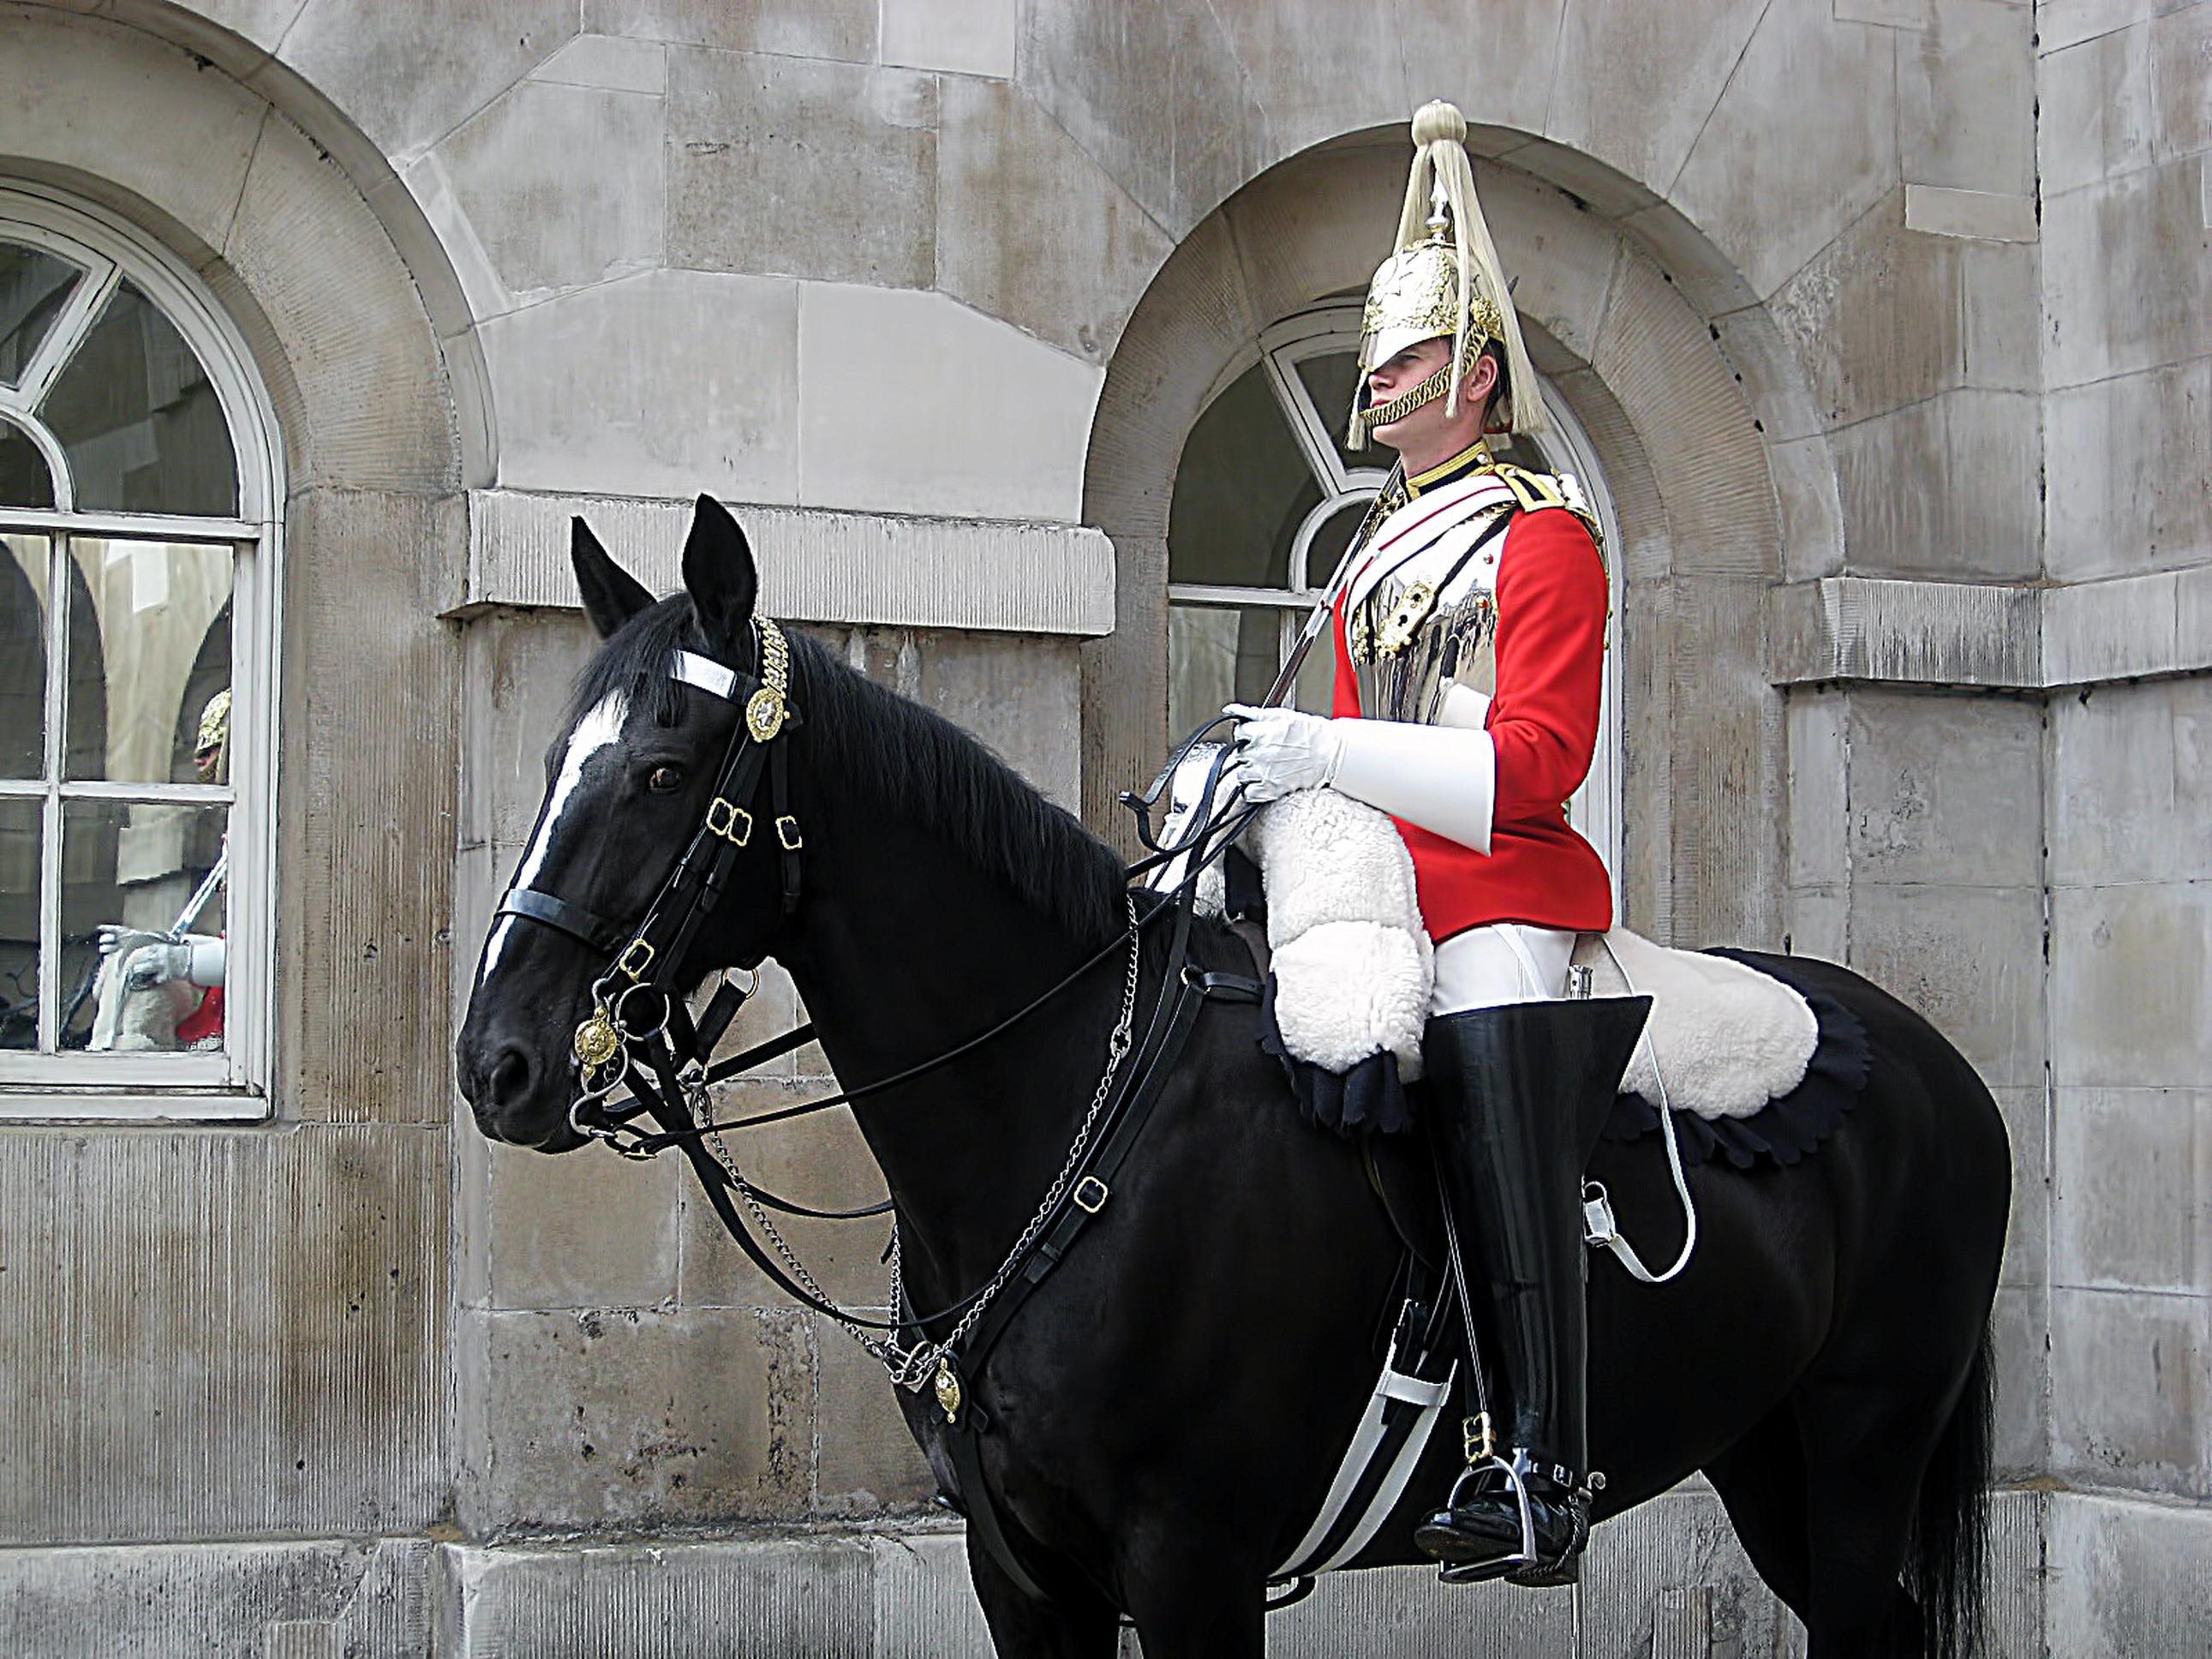 Lontoo Hotellit Hostellit Majoitusta Englanti Lontoon Pass Varaus Maailmanlaajuisesti Edulliseen Hintaan